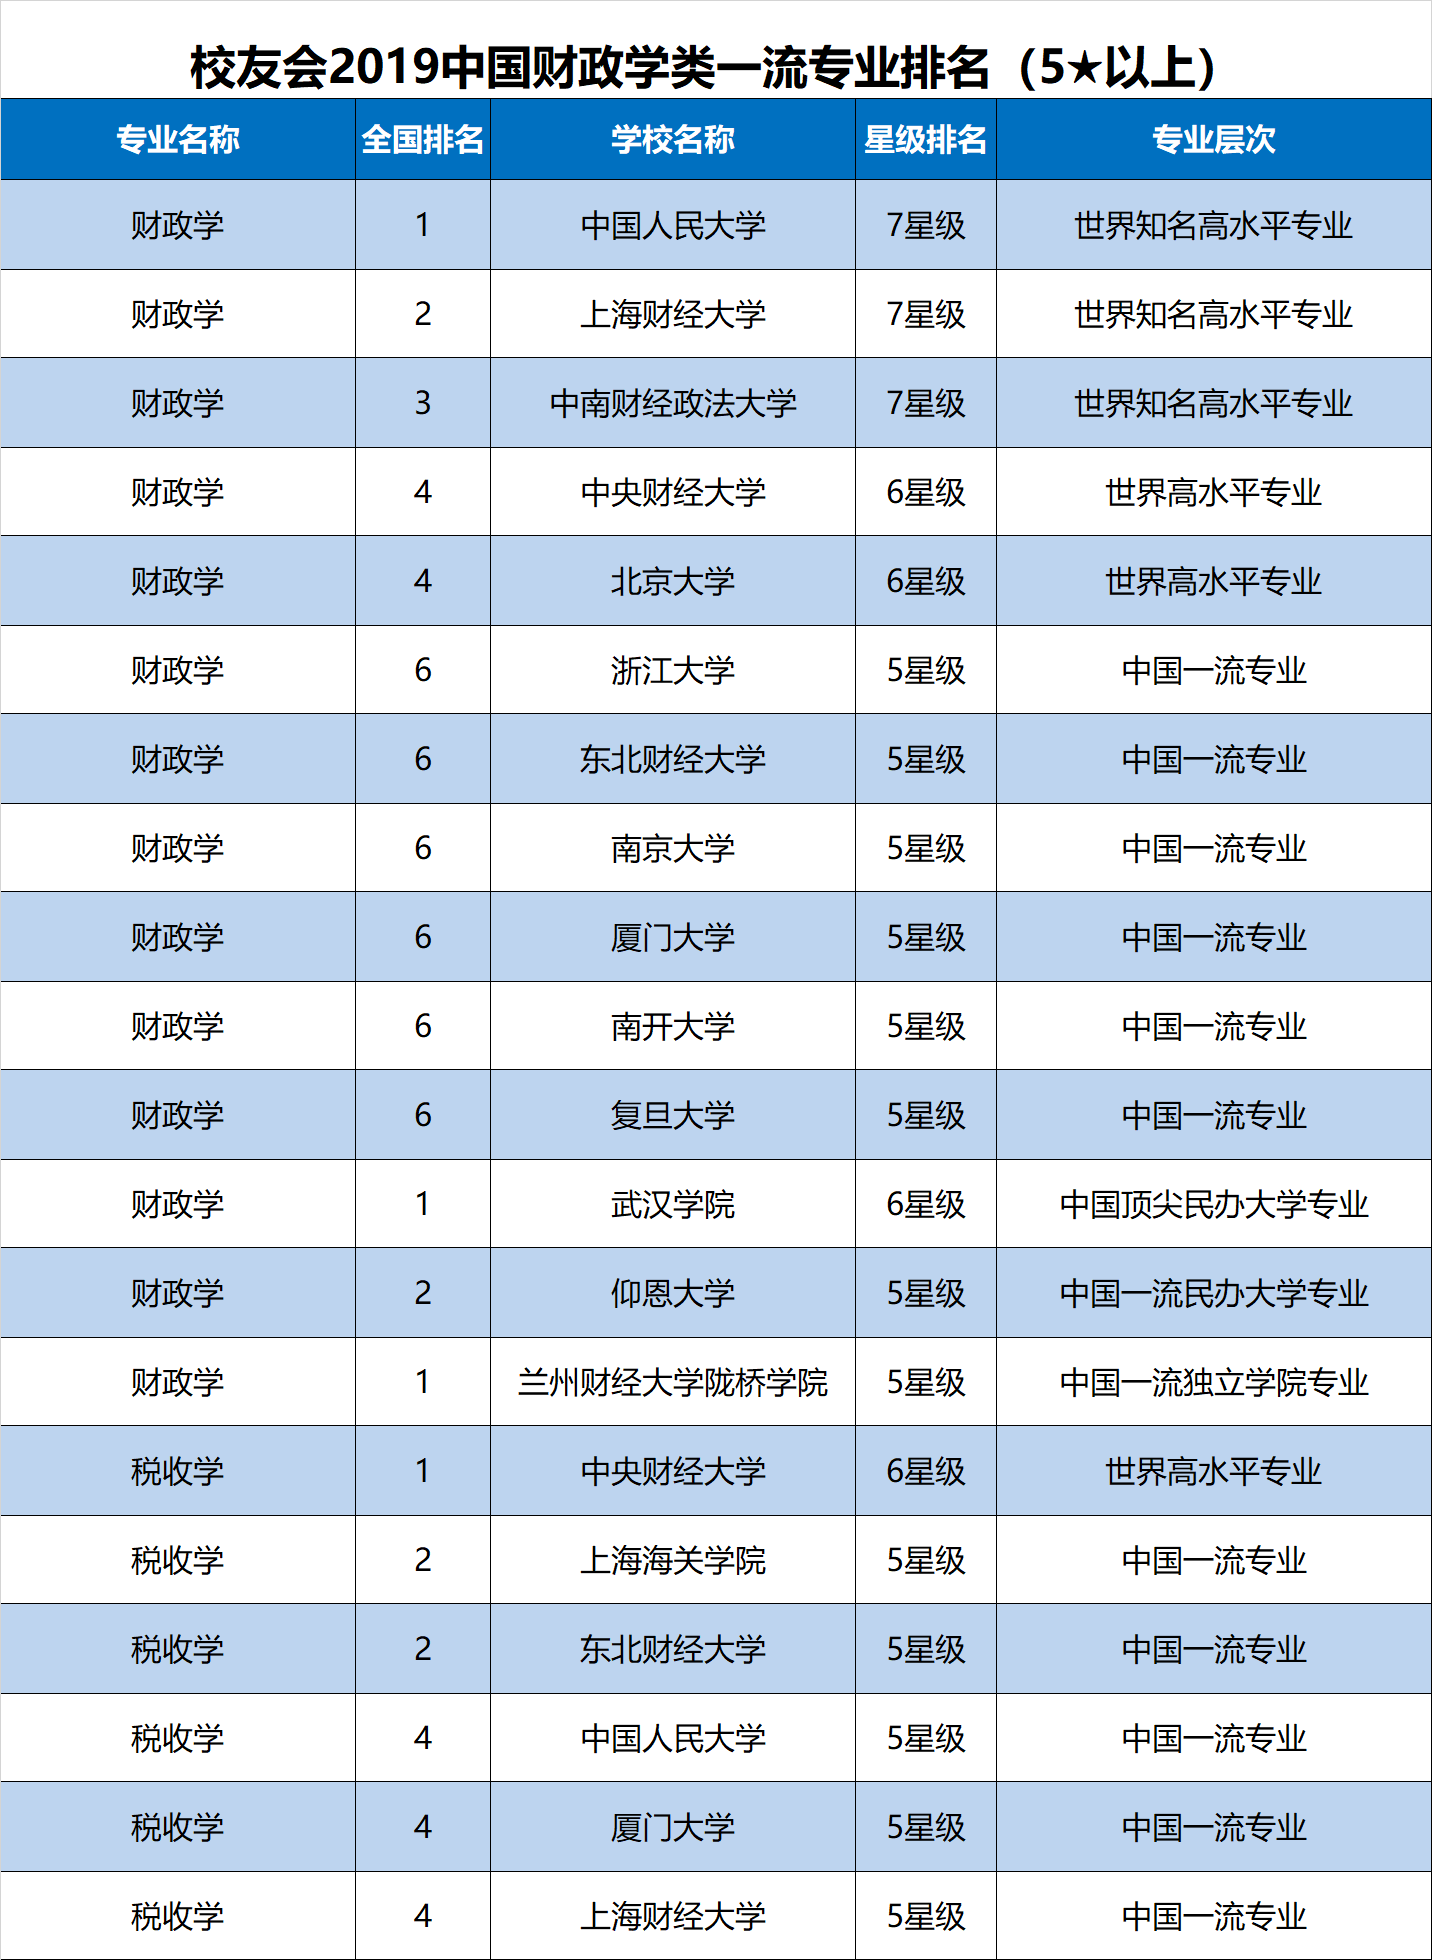 2019年经济学排名_武书连 2019中国大学学科门类排行榜